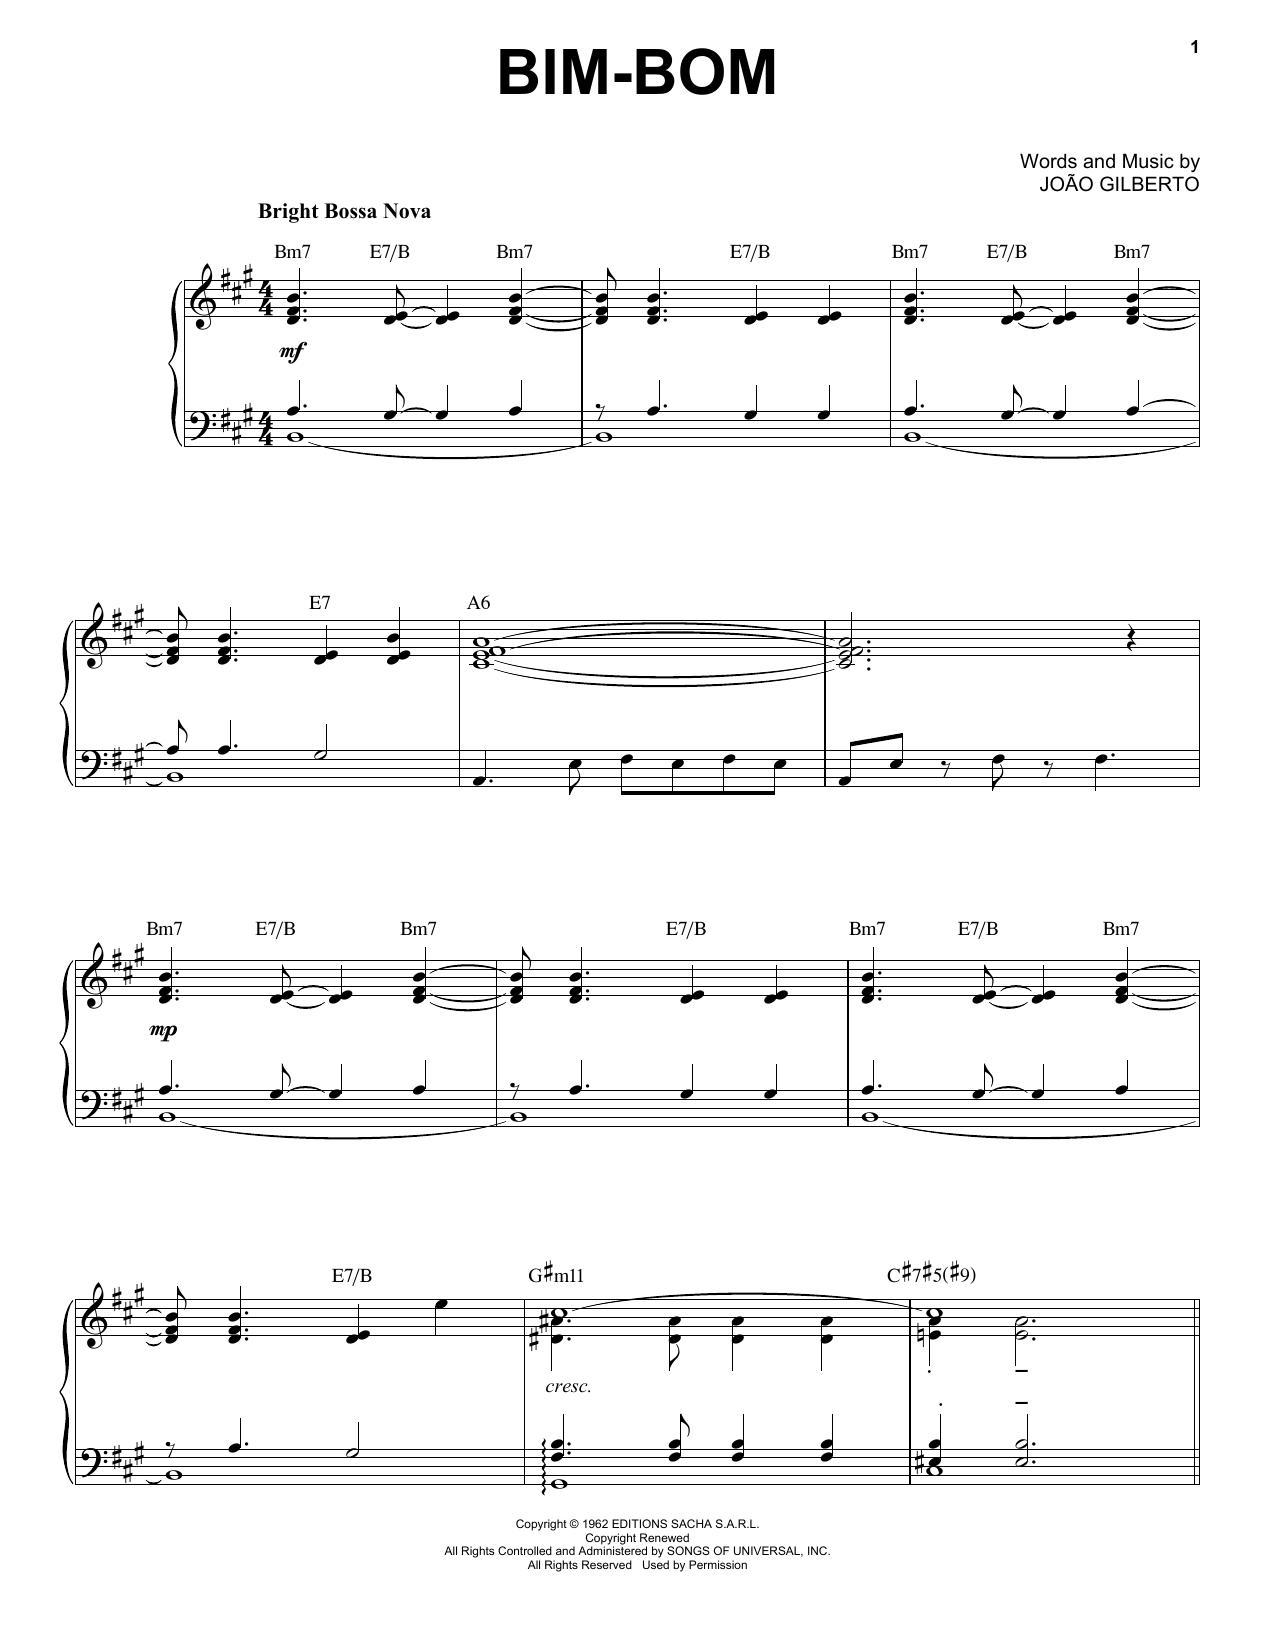 Joao Gilberto Bim-Bom sheet music notes and chords